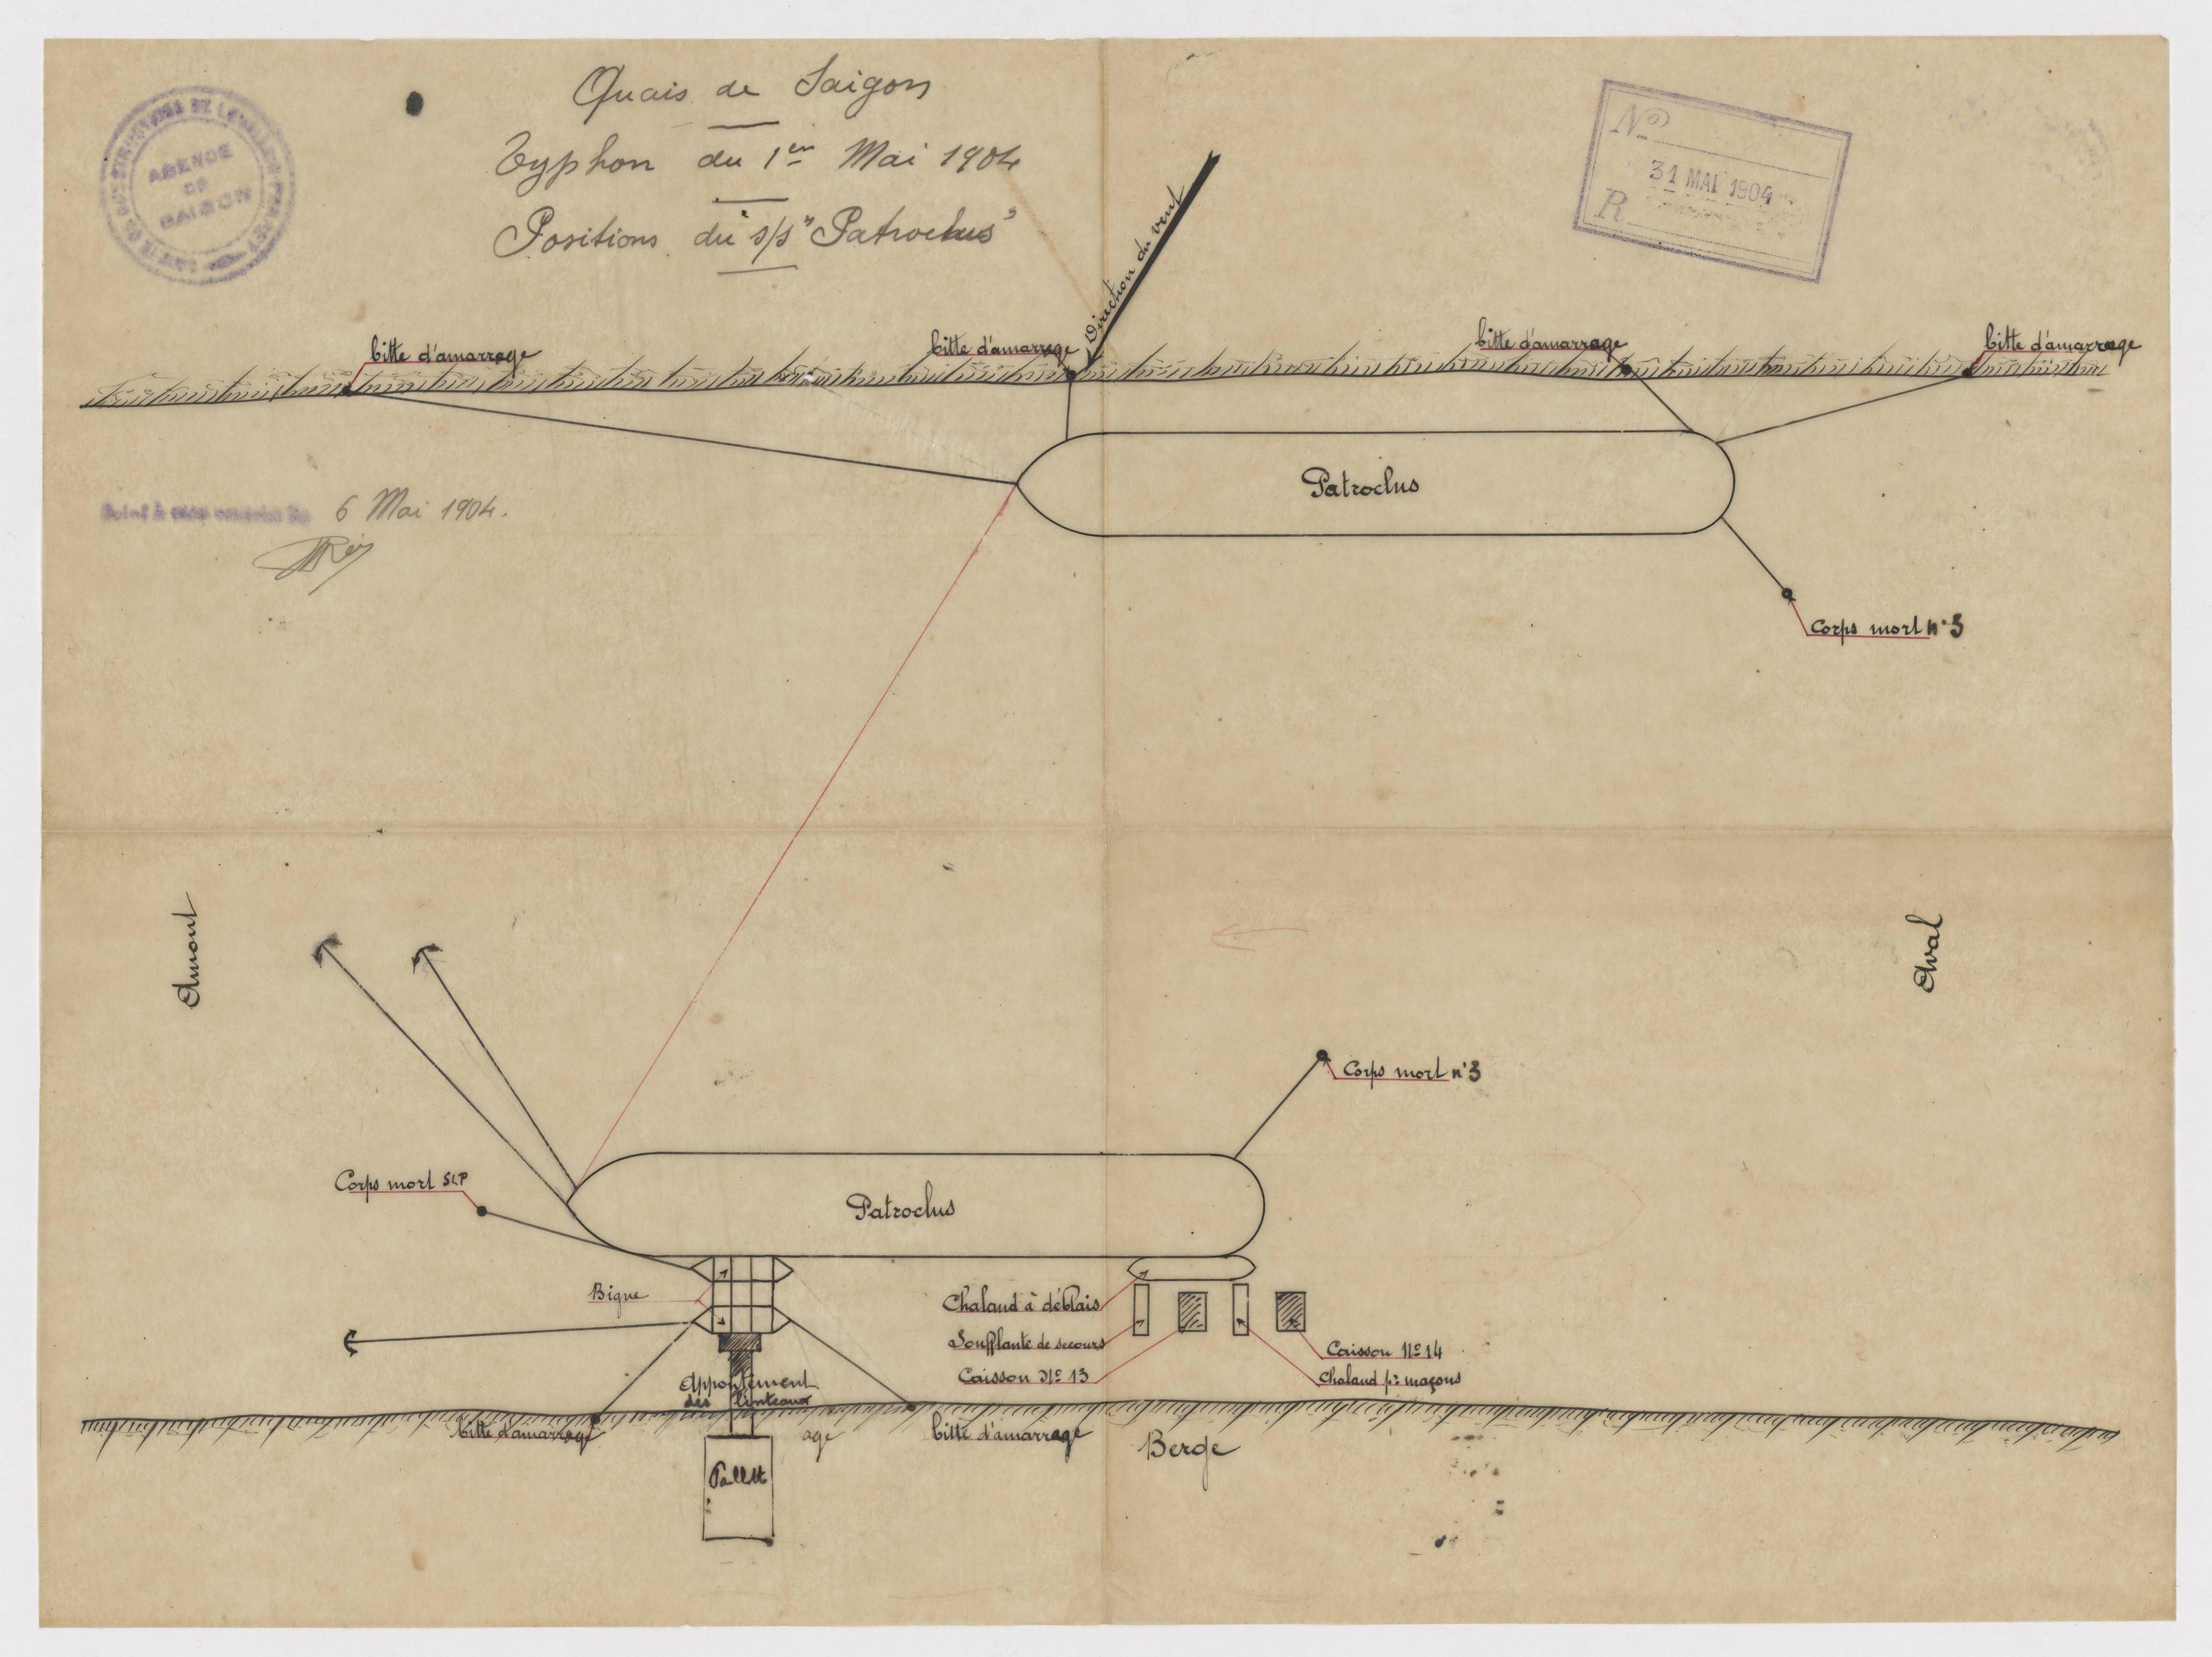 Rapport sur le cyclone du 1er mai 1904, positions du Patroclus, bateau à vapeur.